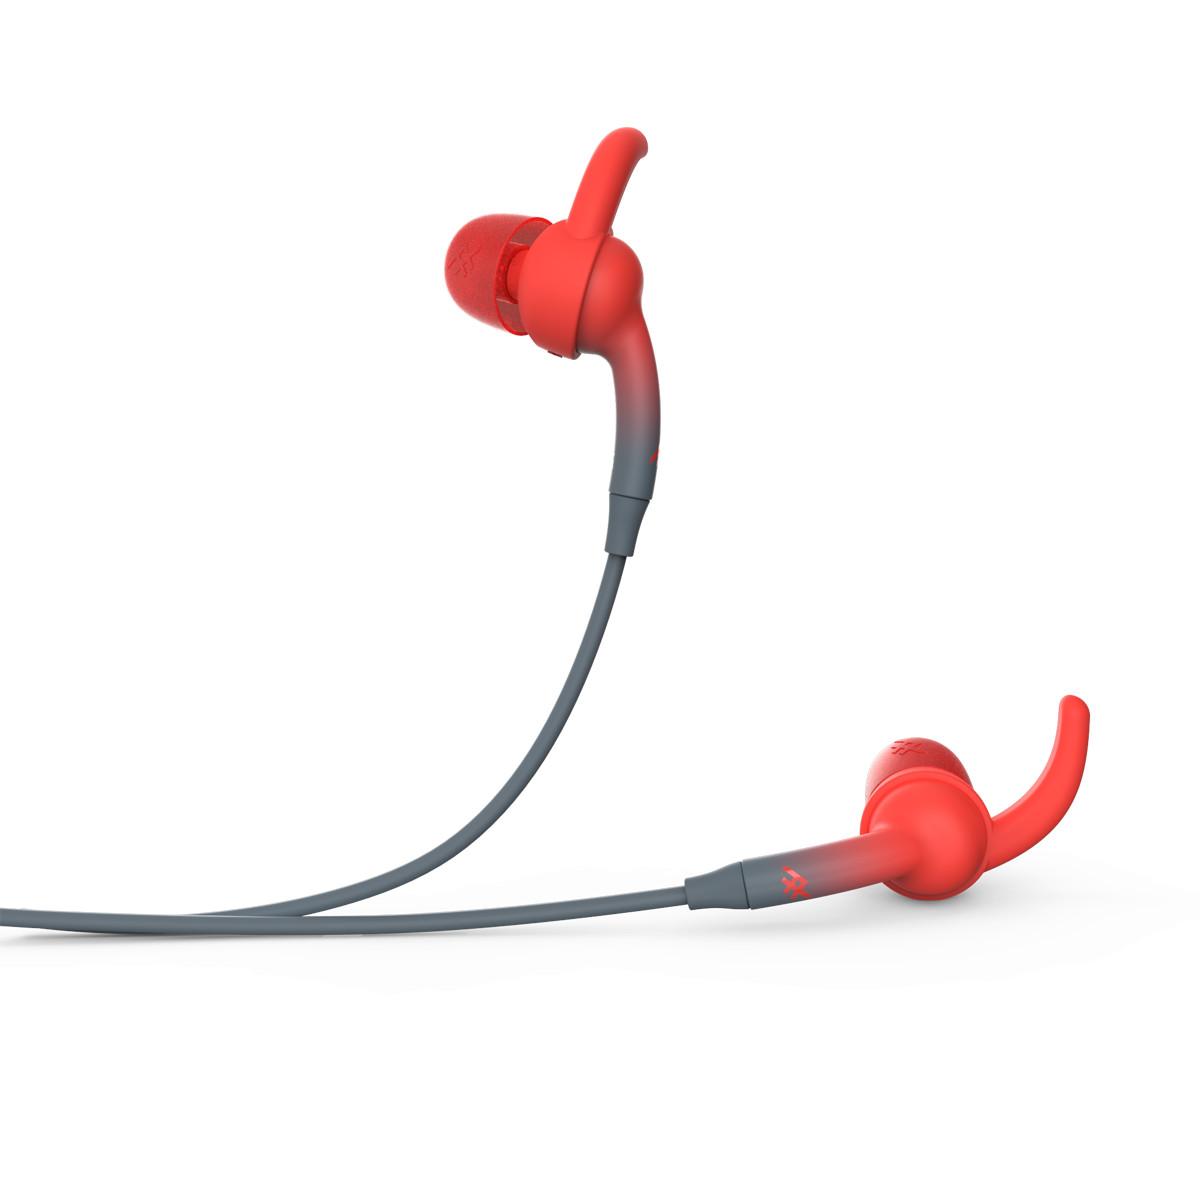 Tai nghe iFrogz không dây Sound Hub Plugz - Gray/Red - 304001823 - Hàng Chính Hãng